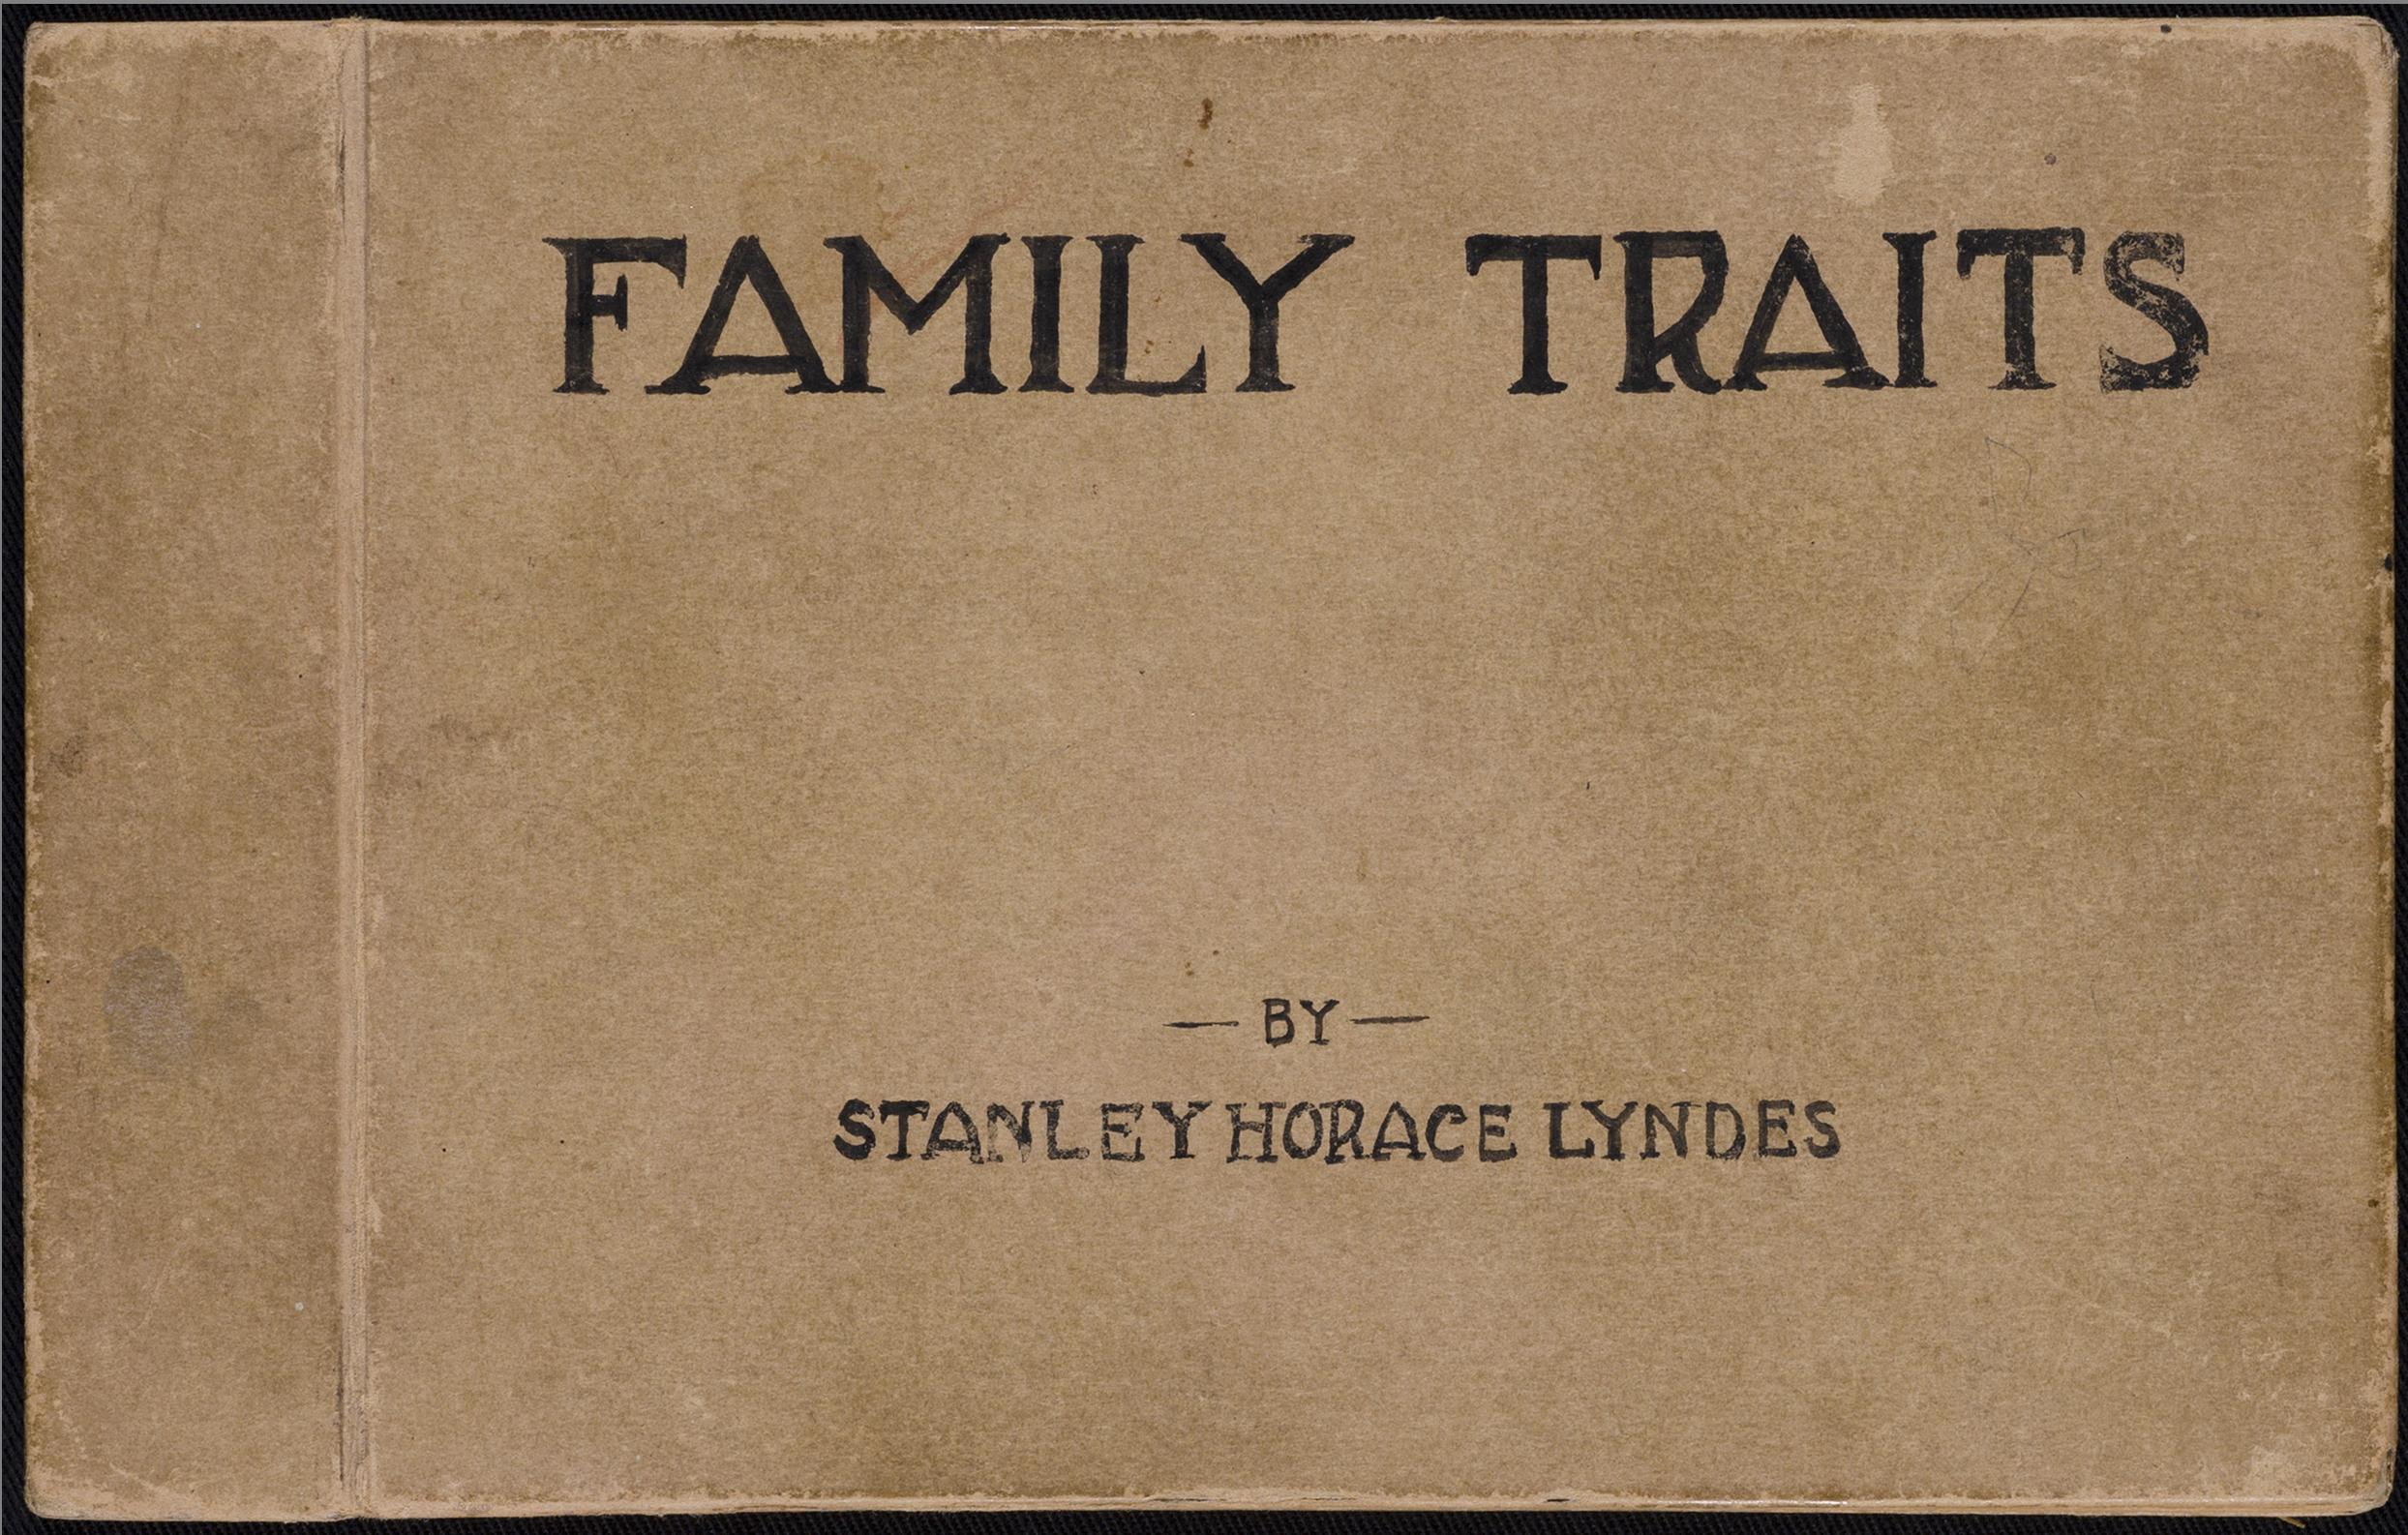 FamilyTraits_01.jpg